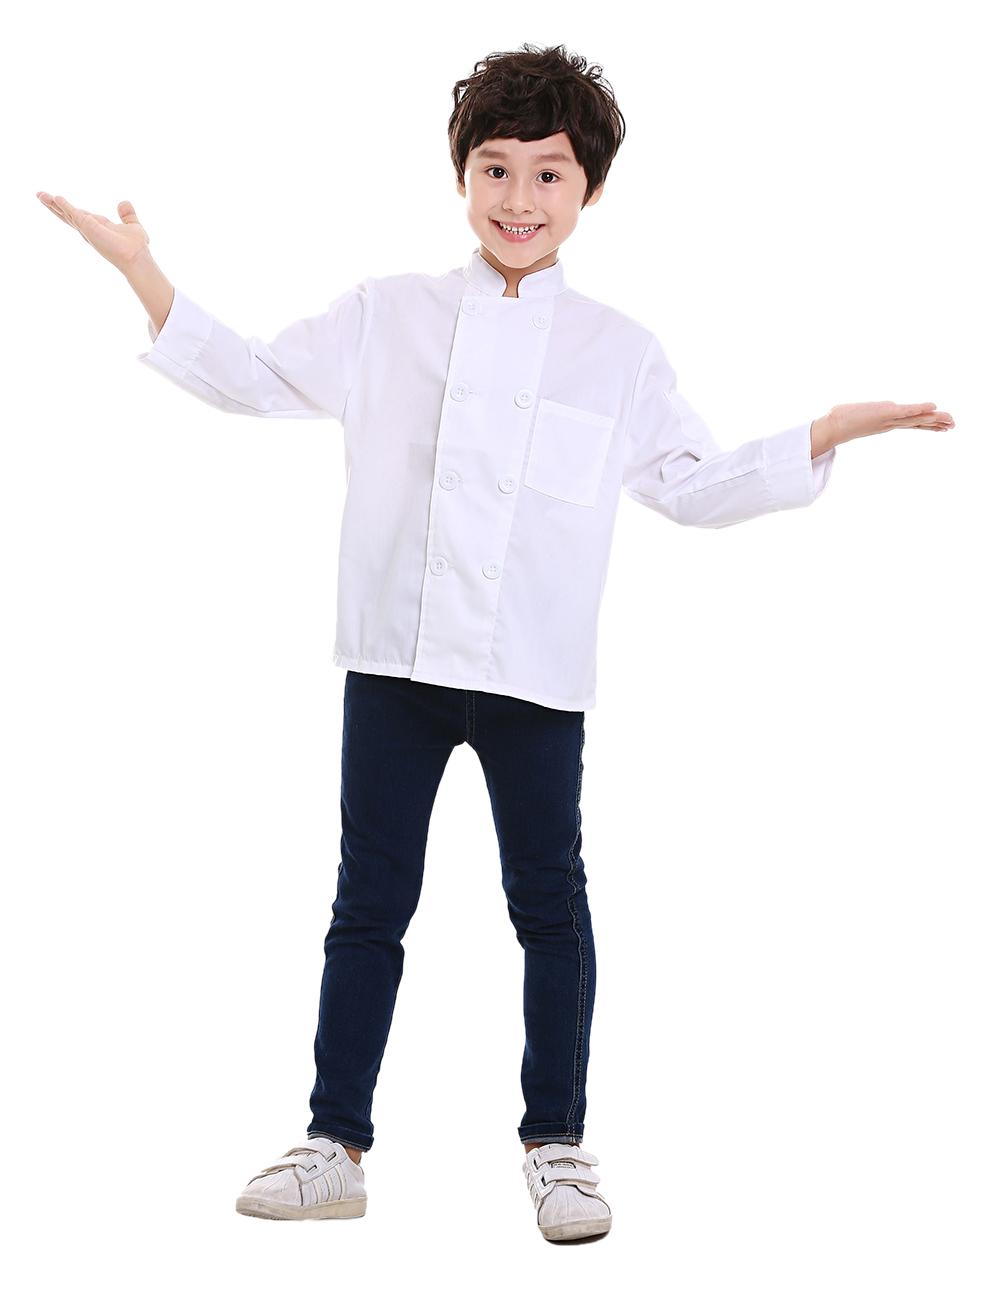 Opentip Kid Chef Coat